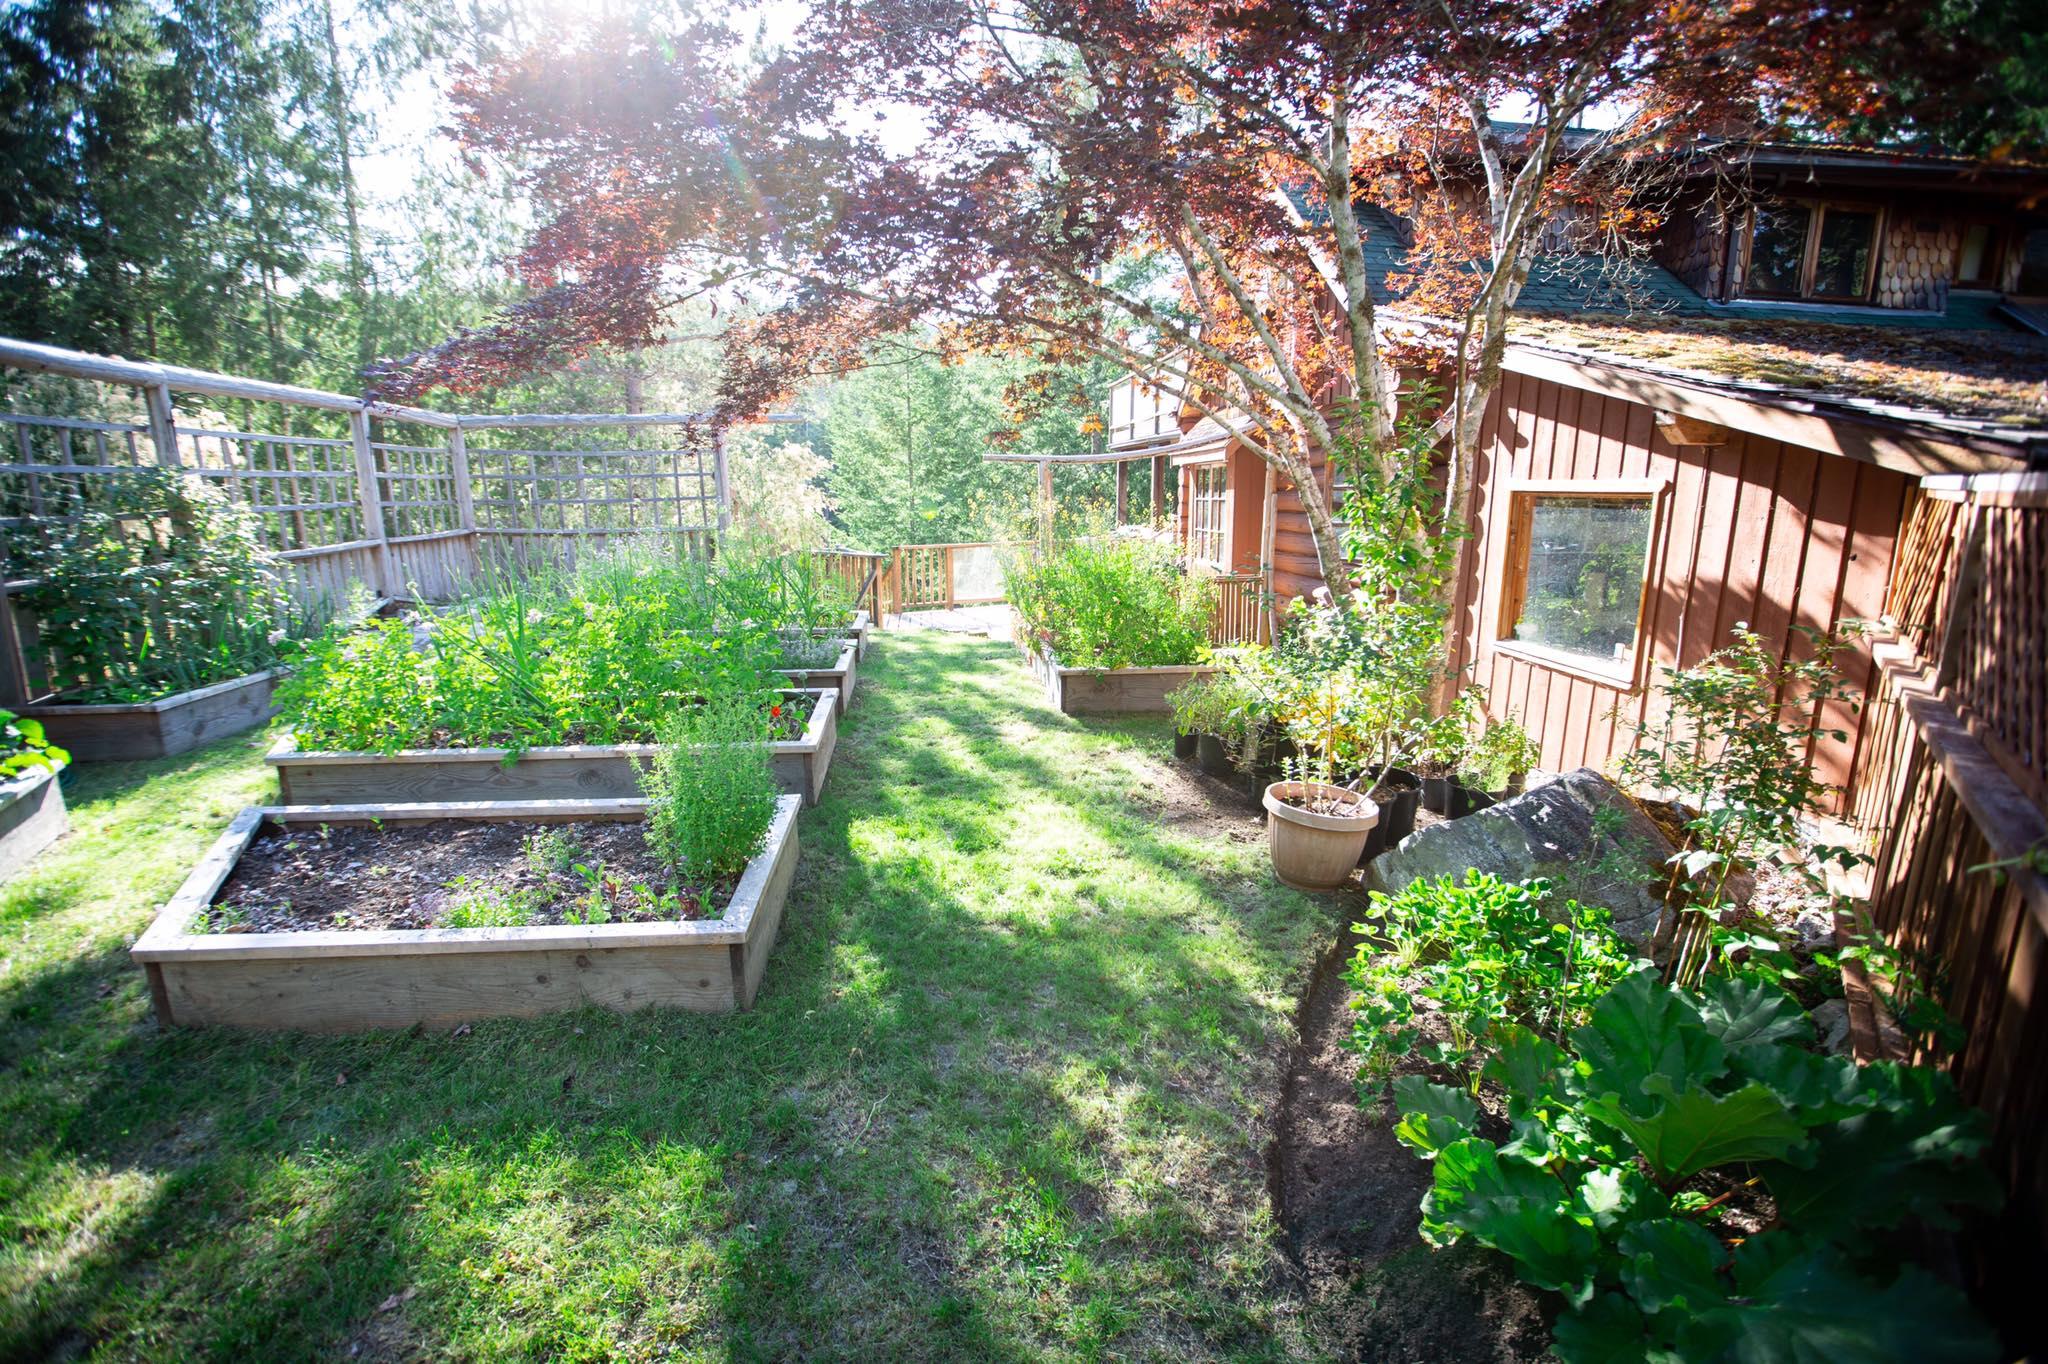 Cô gái xinh đẹp luôn tràn ngập năng lượng hạnh phúc khi trồng cả khu vườn toàn rau quả sạch - Ảnh 10.